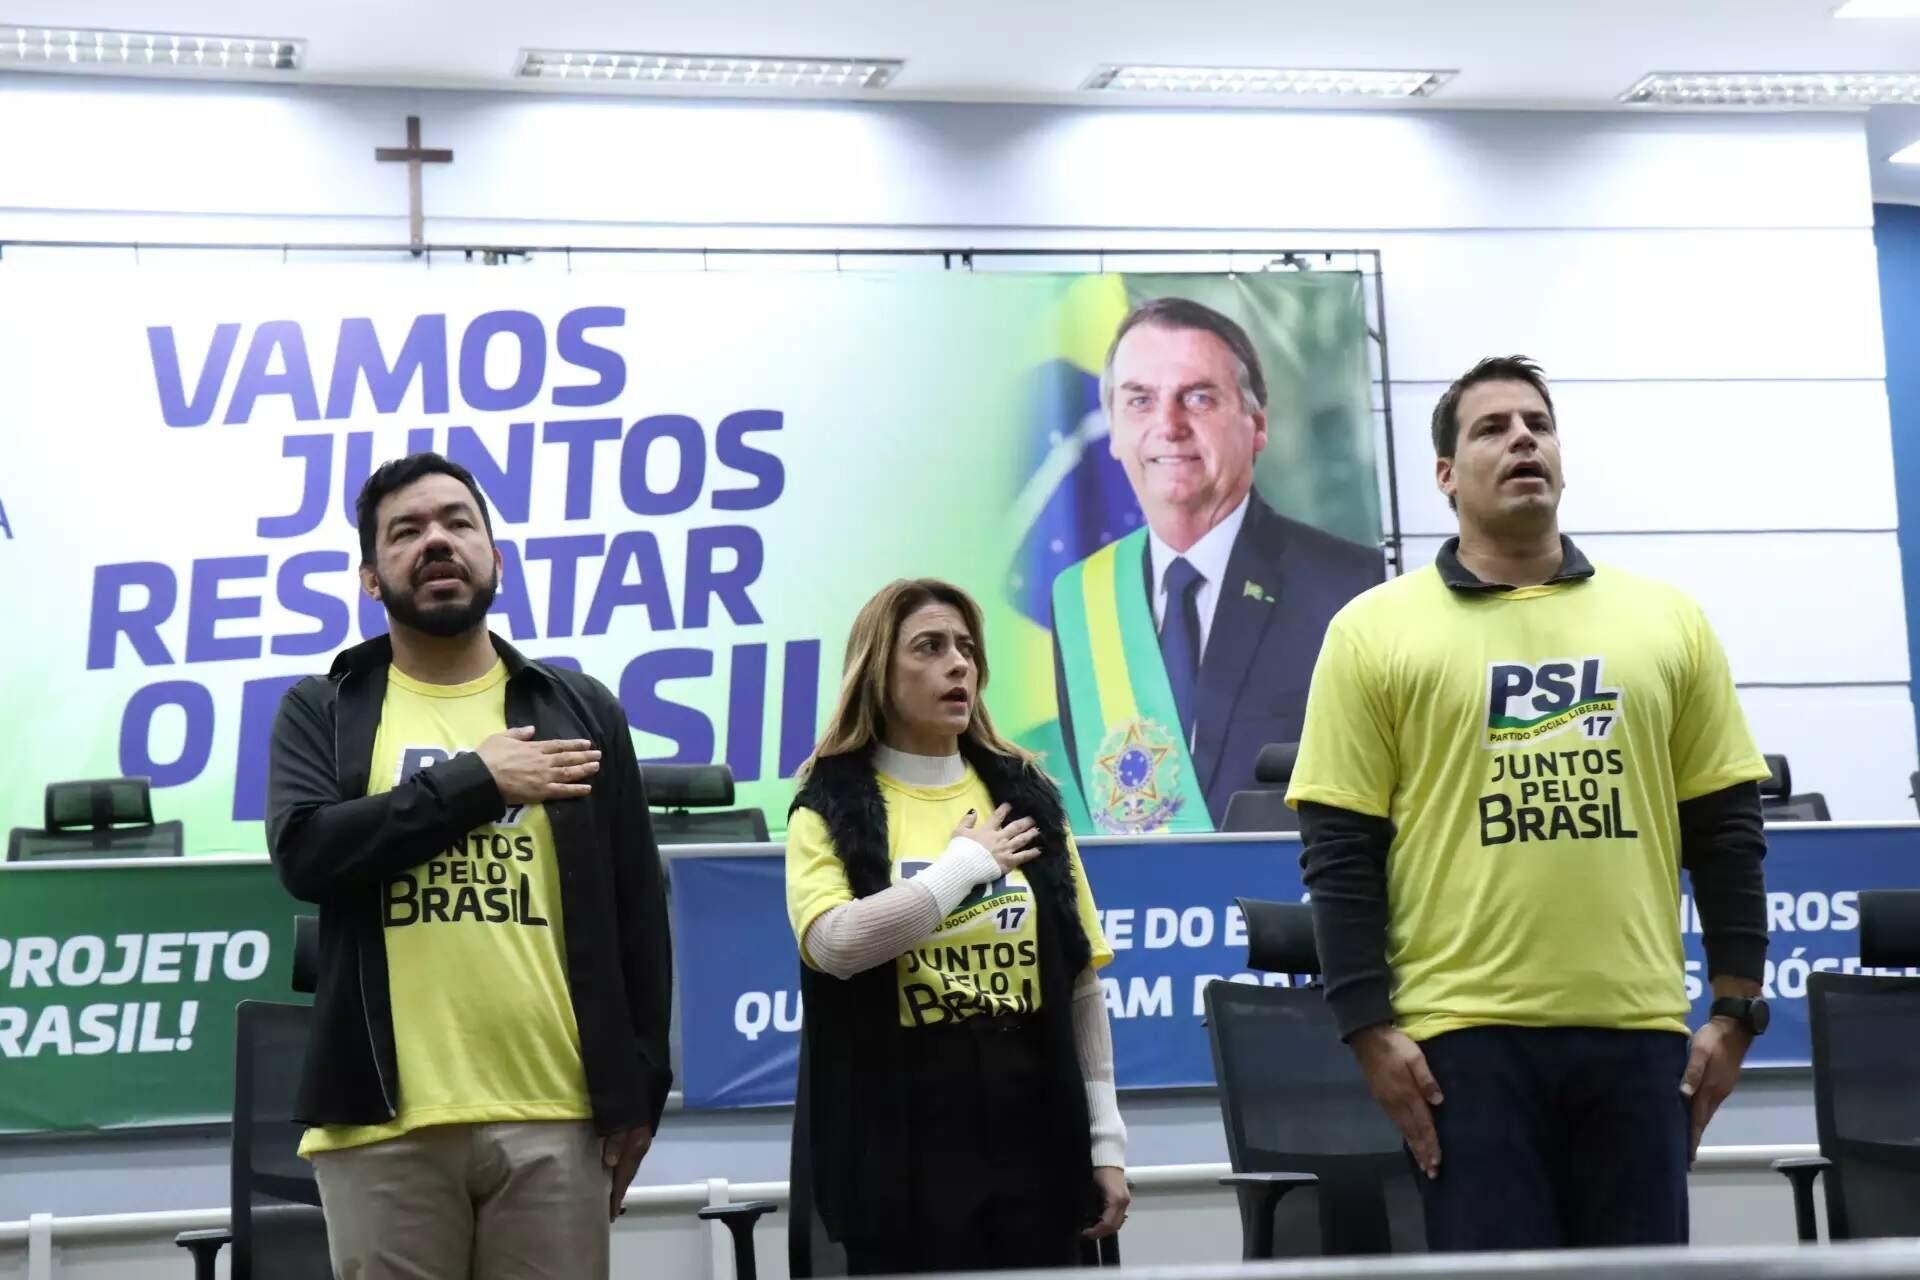 Deputado Loester Carlos (esquerda) ao lado da senadora Soraya Trhonicke (centro) e do deputado Renan Contar (direita), durante evento do PSL (Foto: Henrique Kawaminami - Arquivo)